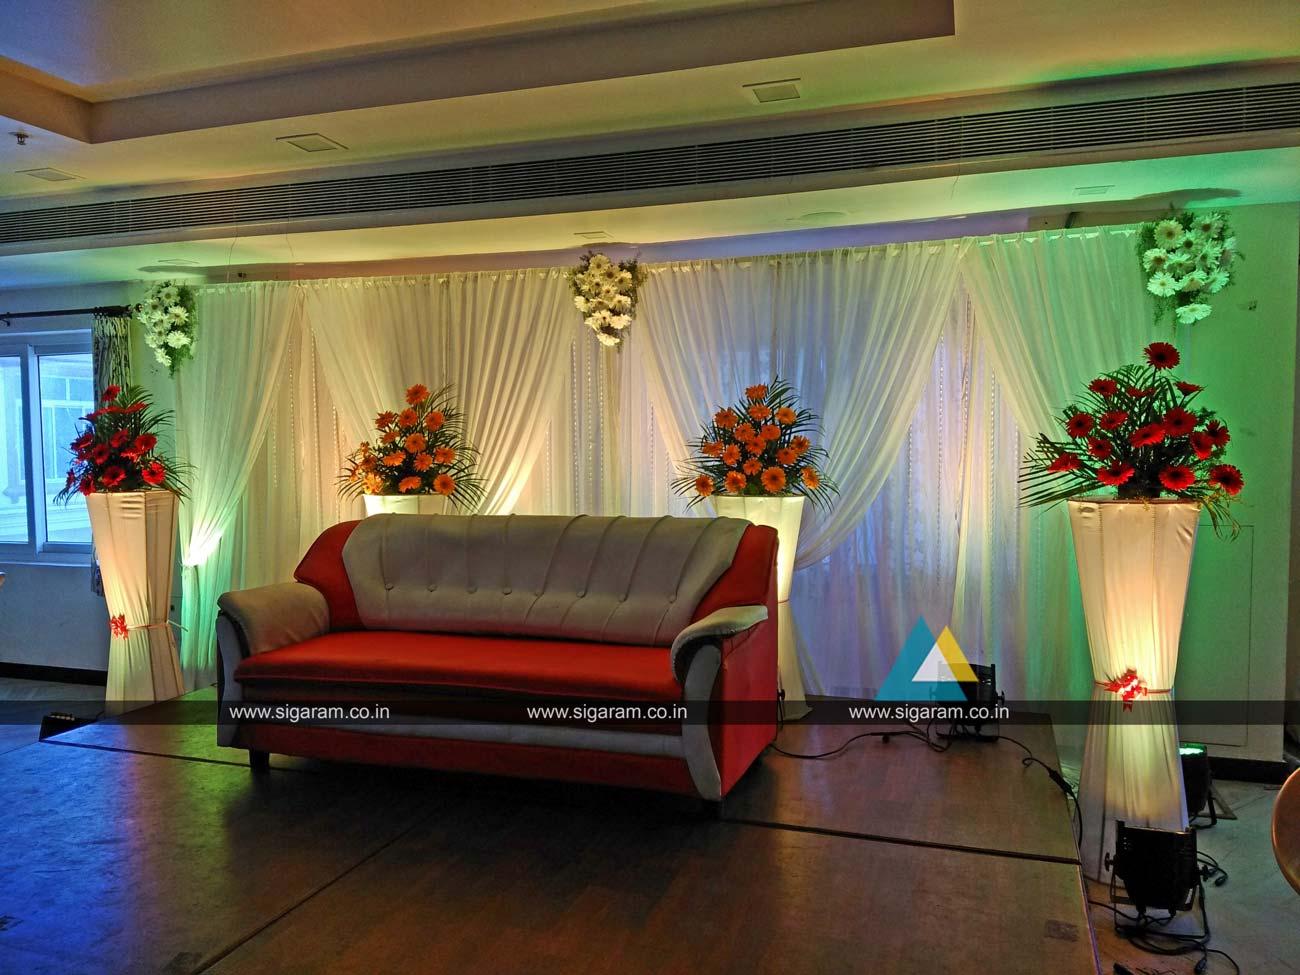 Wedding Reception Decoration At Hotel Ungal Vasanta Bhavan ECR Pondicherry Wedding